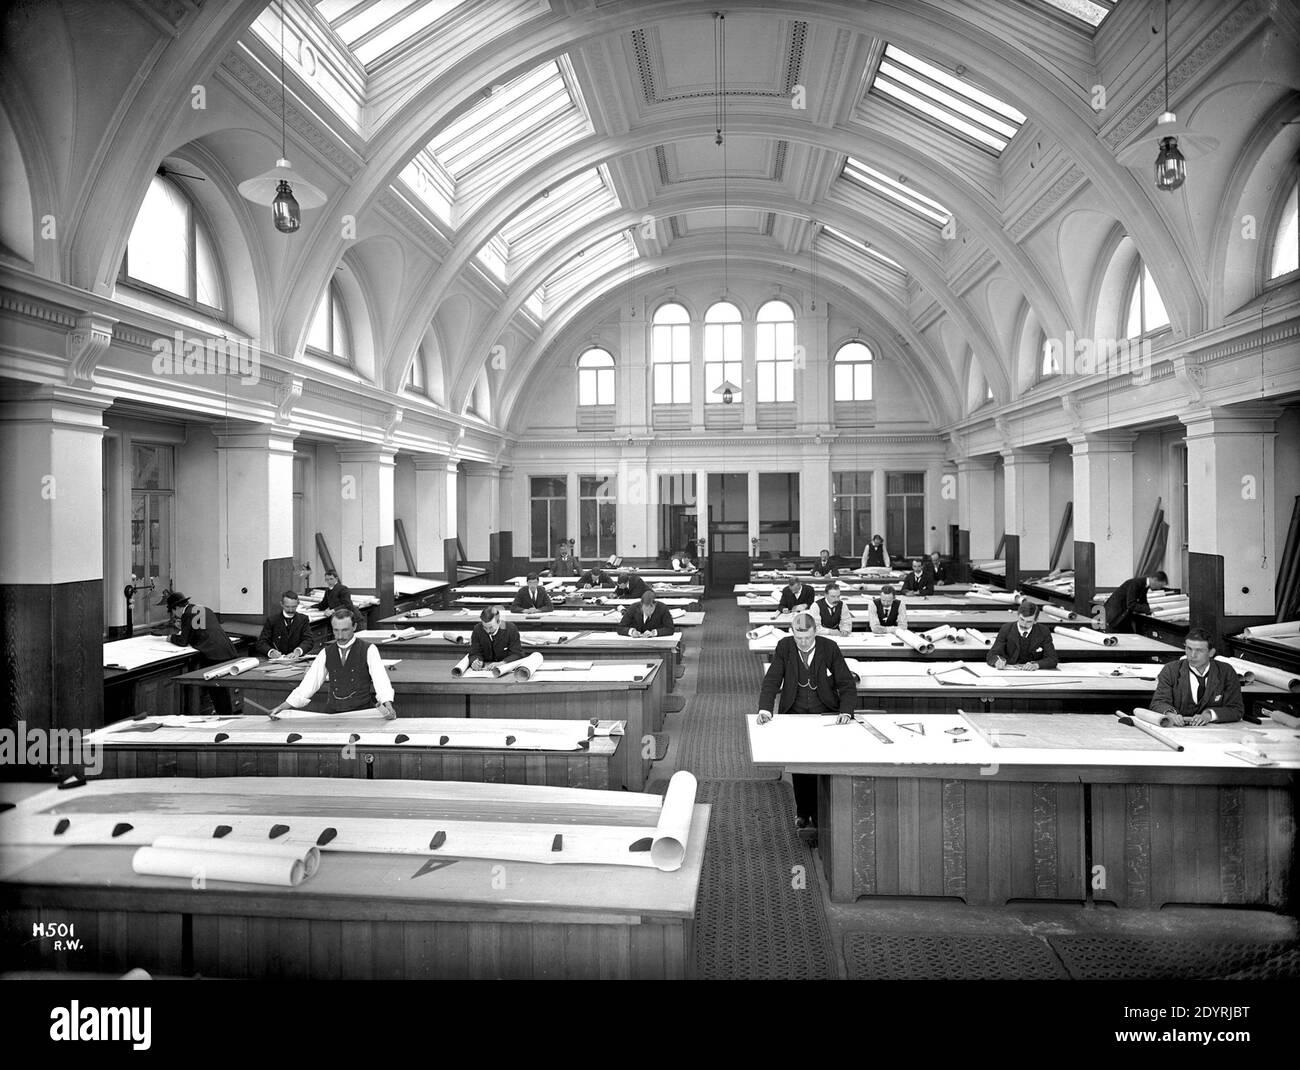 Harland & Wolff's Belfast, bureaux de dessin au début du XXe siècle Robert John Welch Harland & Wolff est un chantier naval spécialisé dans la réparation, la conversion et la construction offshore de navires, situé à Belfast, en Irlande du Nord. Harland & Wolff est célèbre pour avoir construit la majorité des paquebots de mer pour la ligne White Star. Banque D'Images